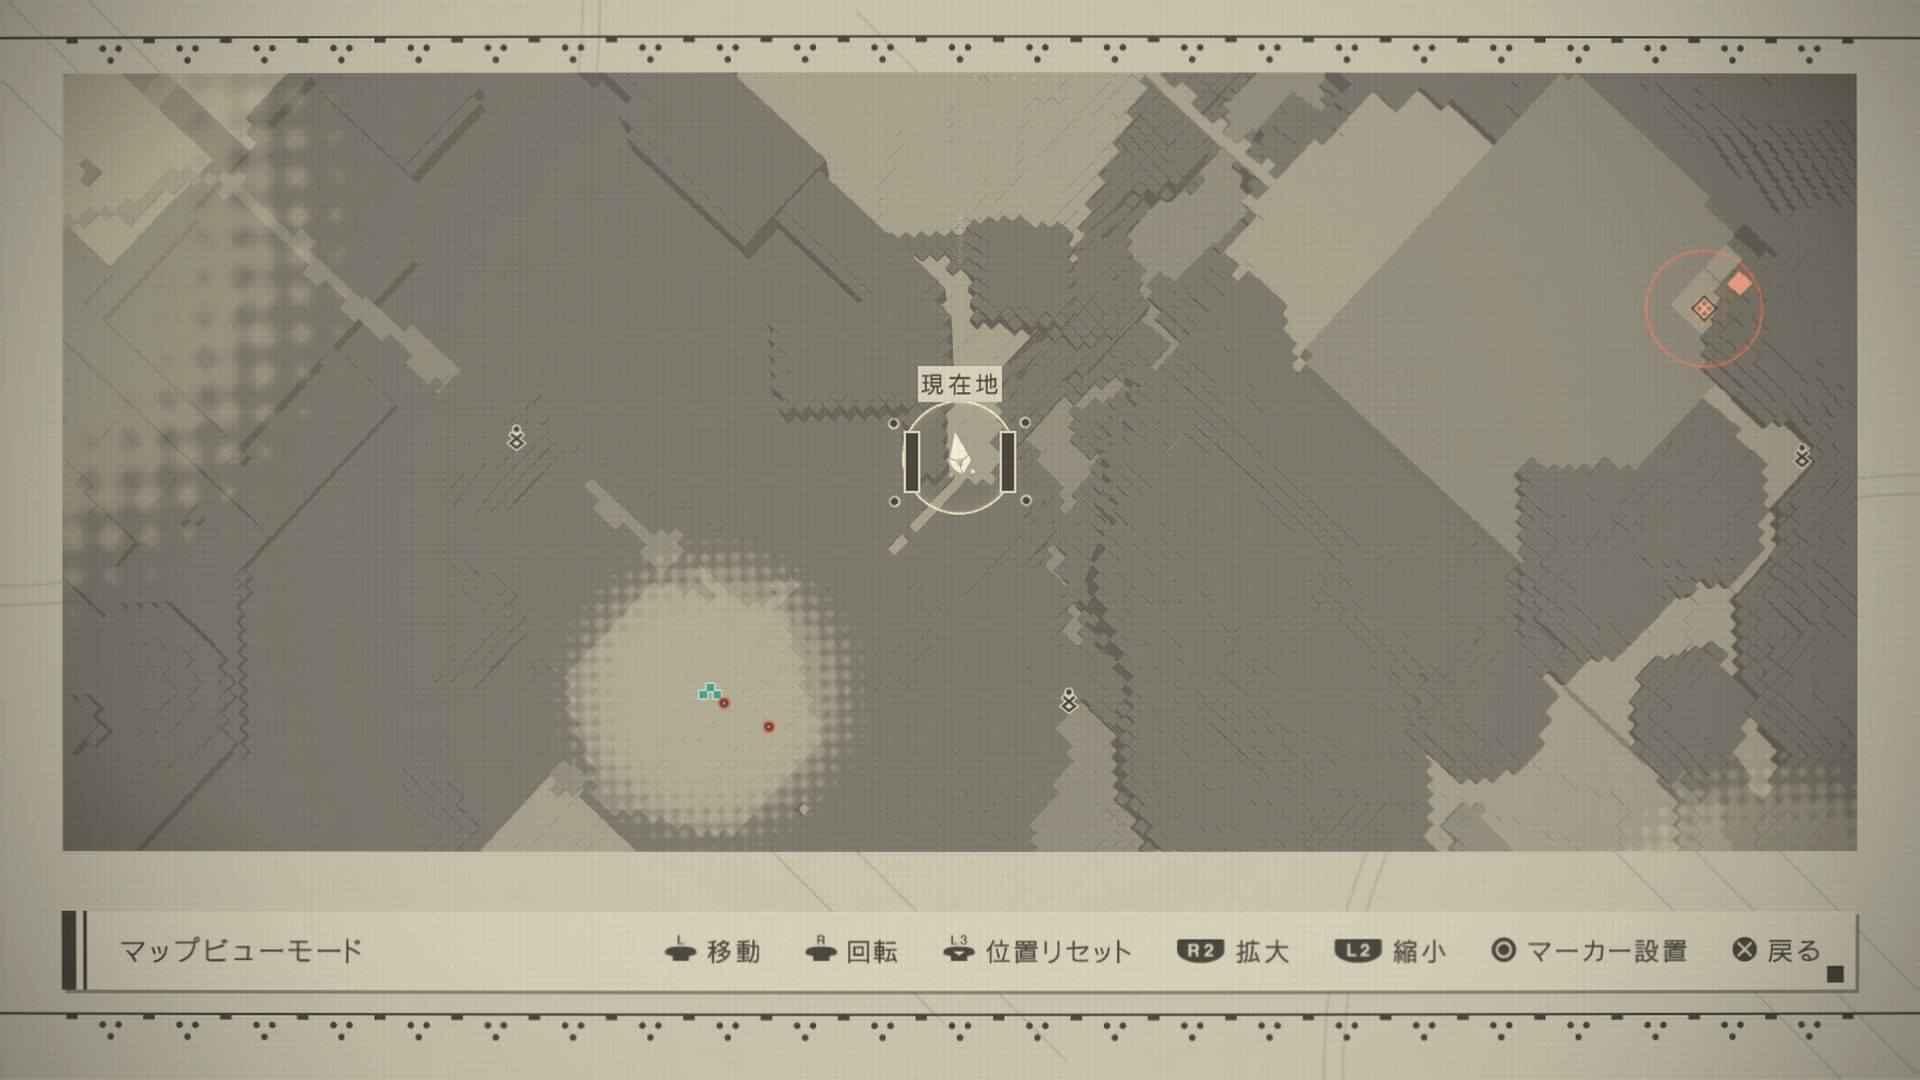 【レビュー】アンドロイド設定が活きる独特な世界観のオープンワールドARPG ニーアオートマタ